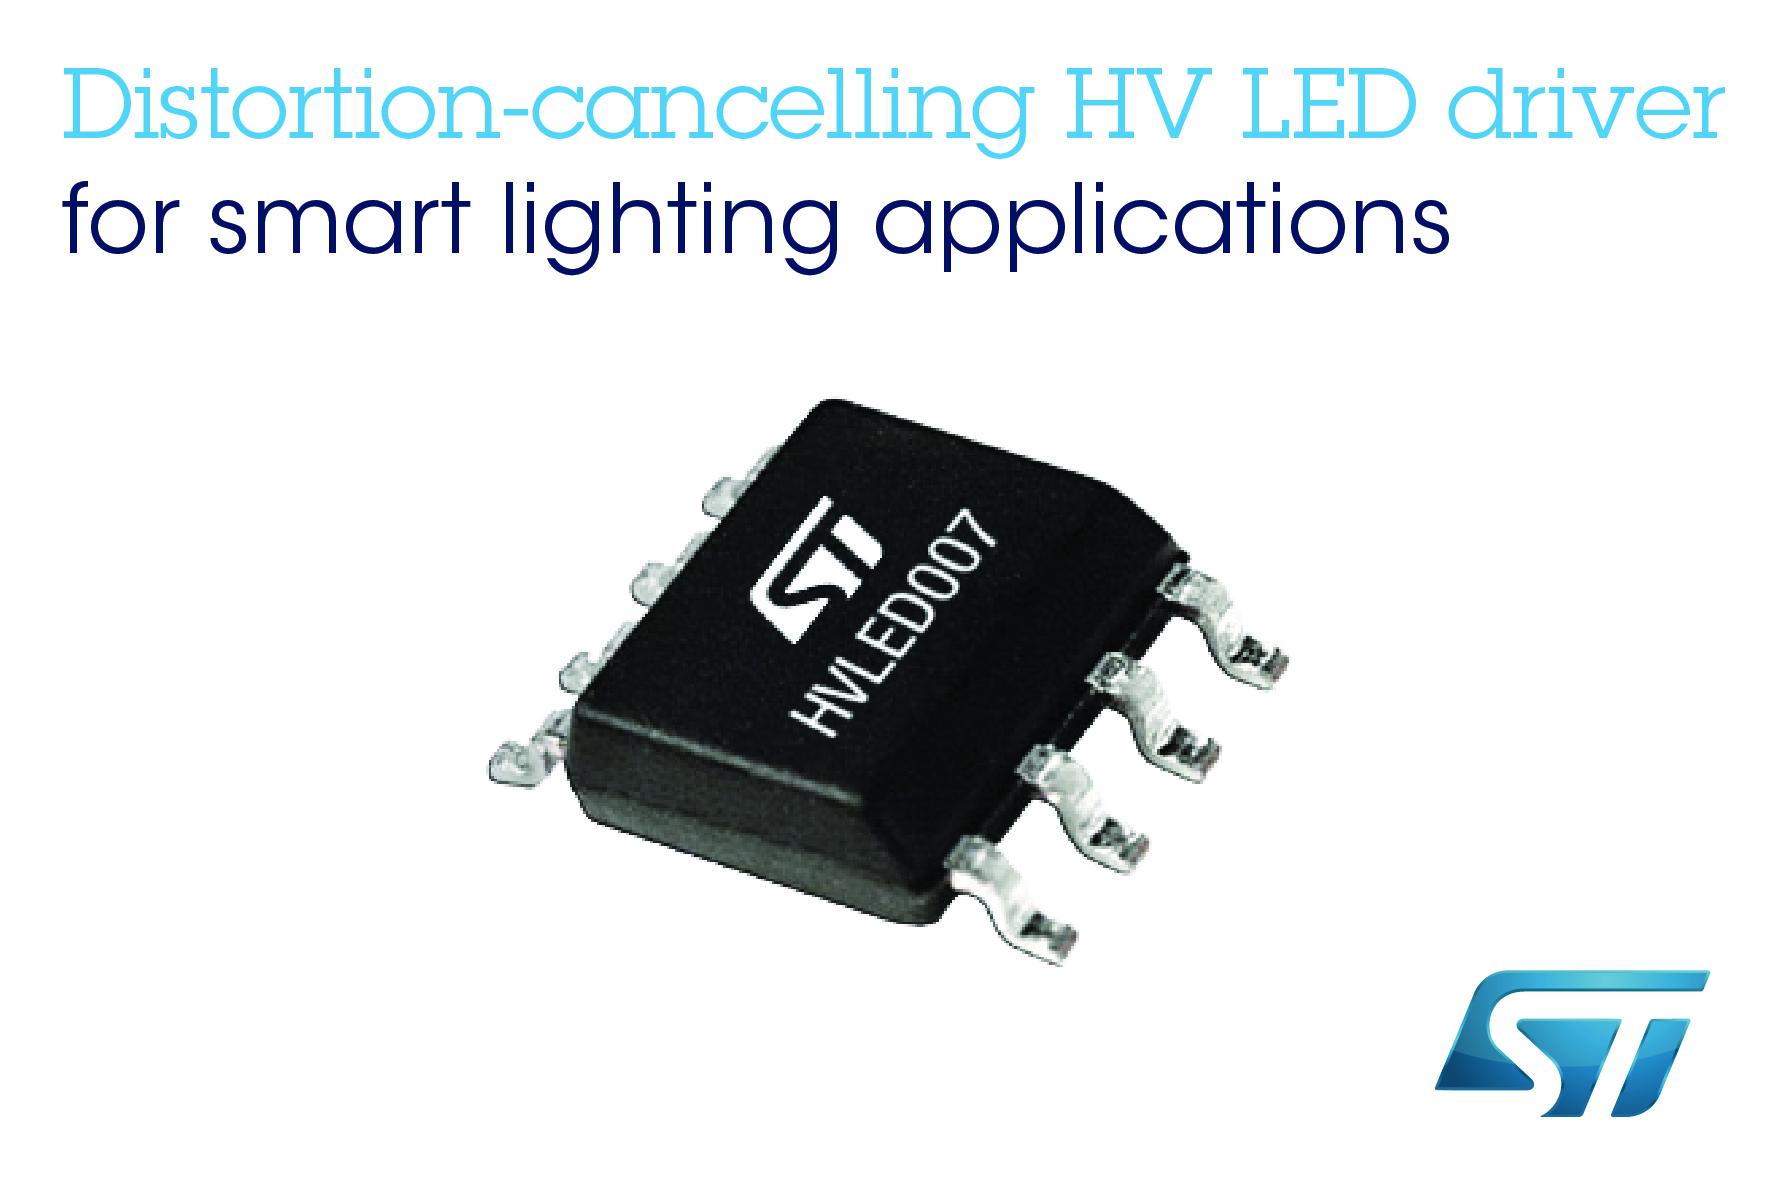 让节能灯具面向未来:意法半导体推出低失真高压LED驱动器